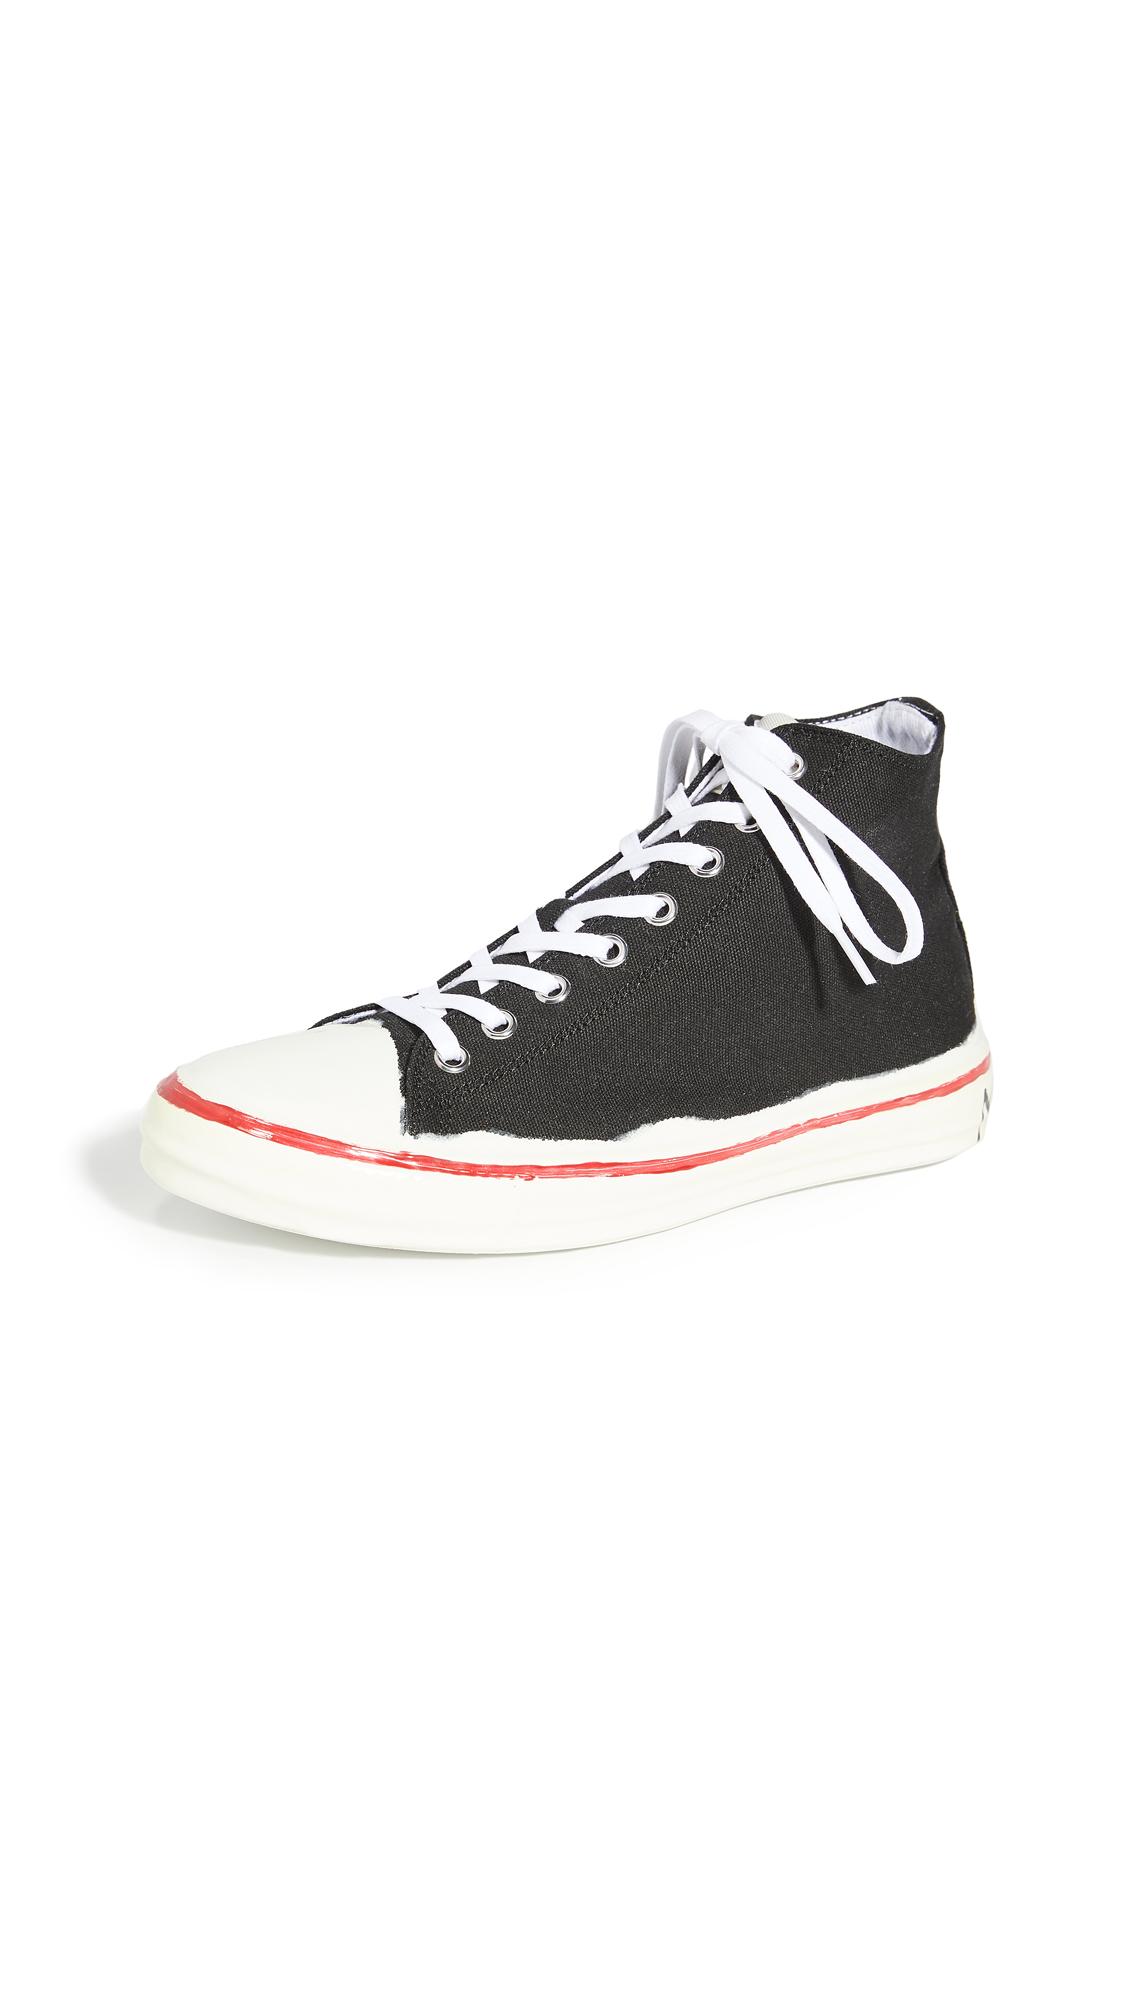 Marni High Top Sneakers